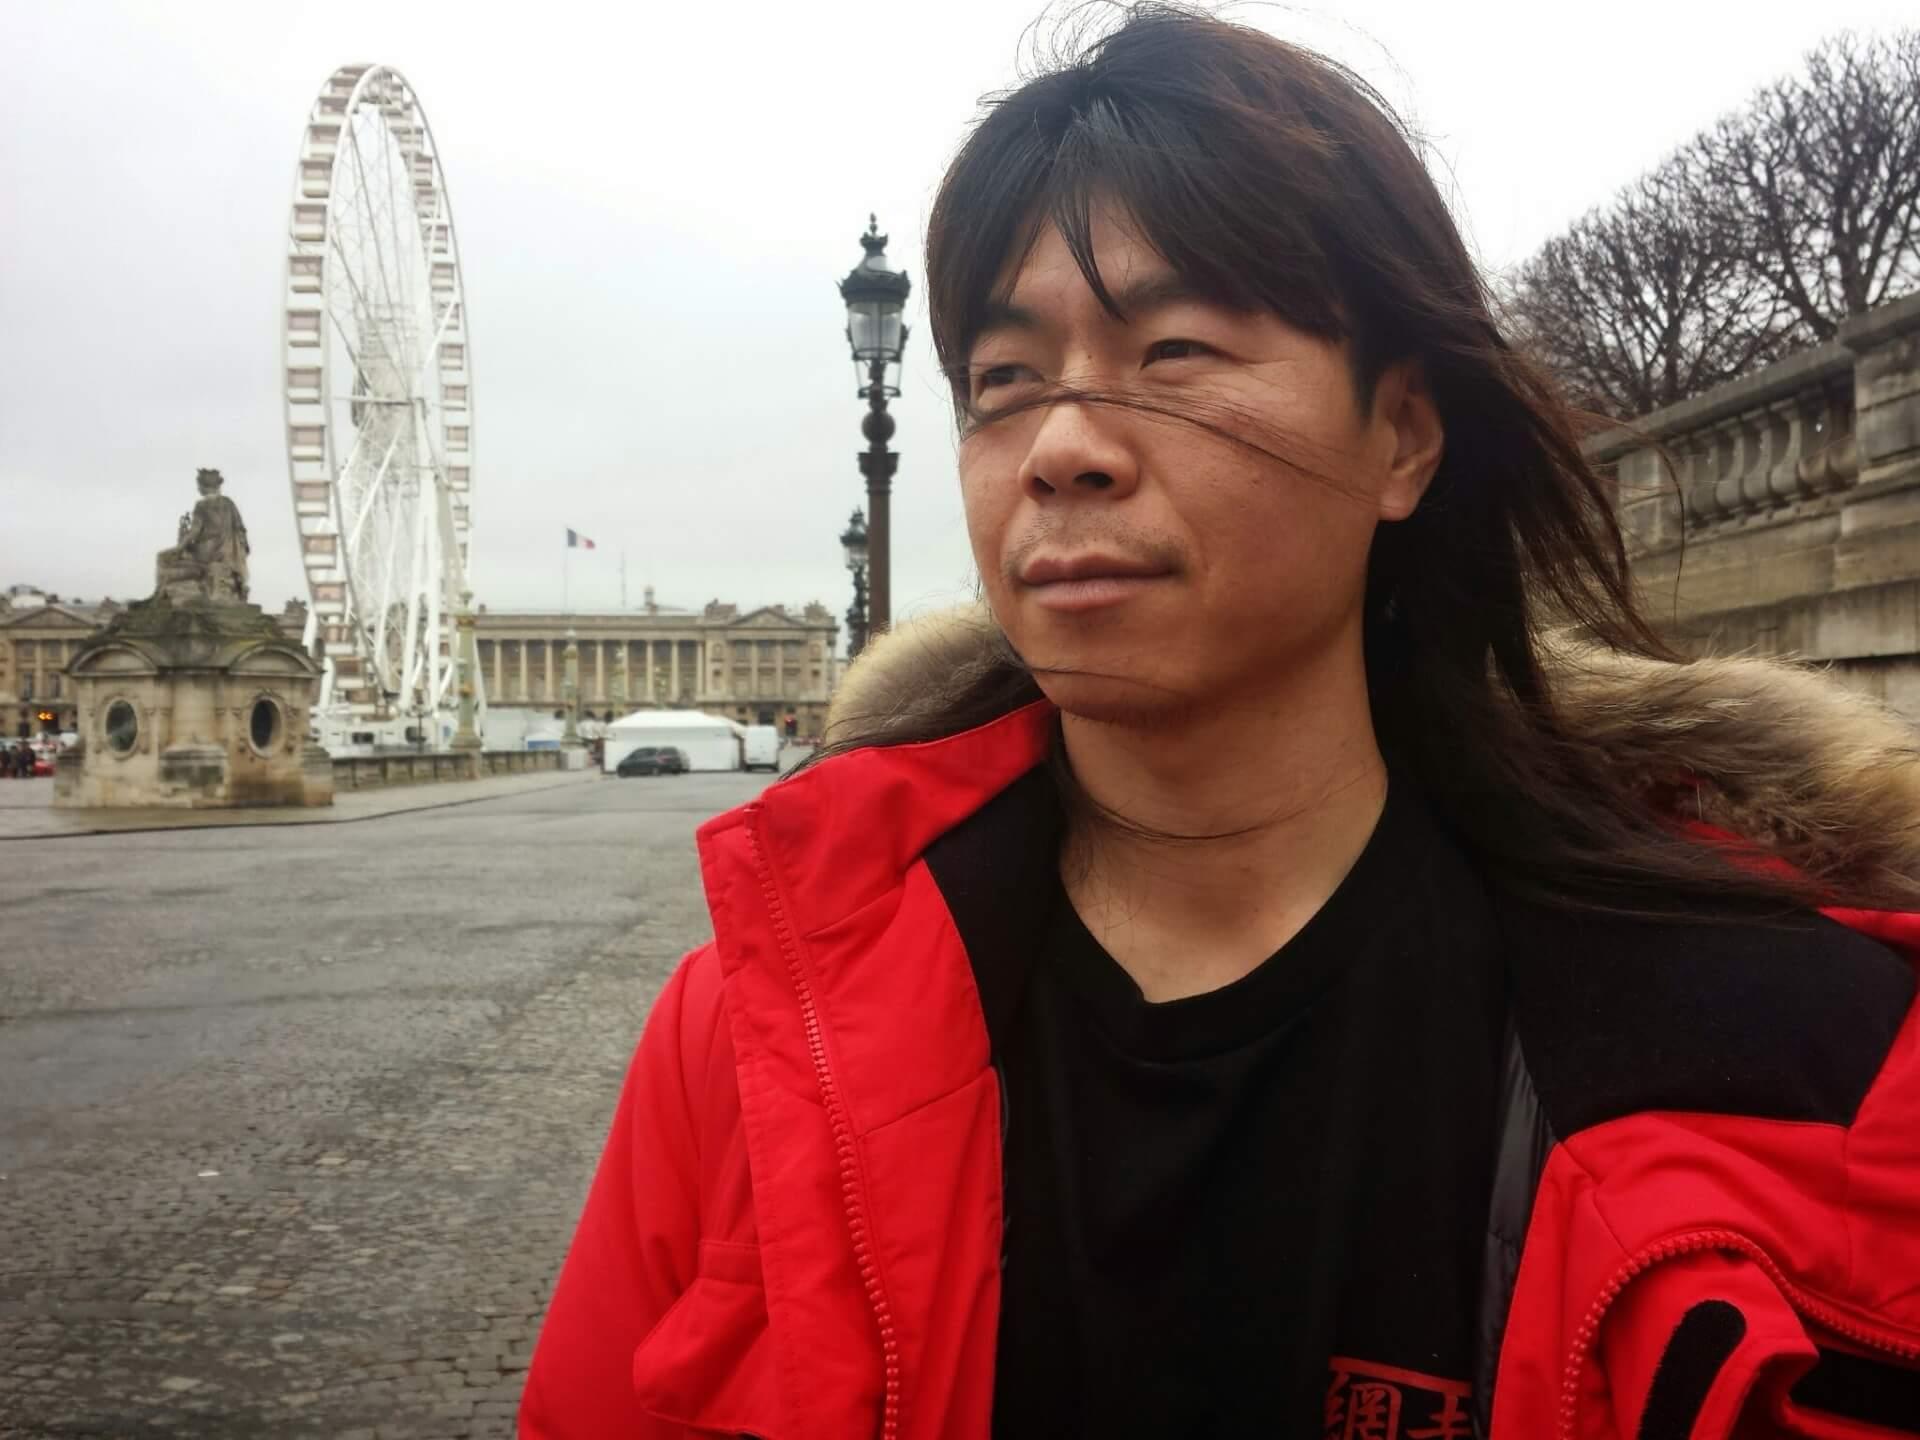 프랑스 파리 콩코르드 광장 앞에서